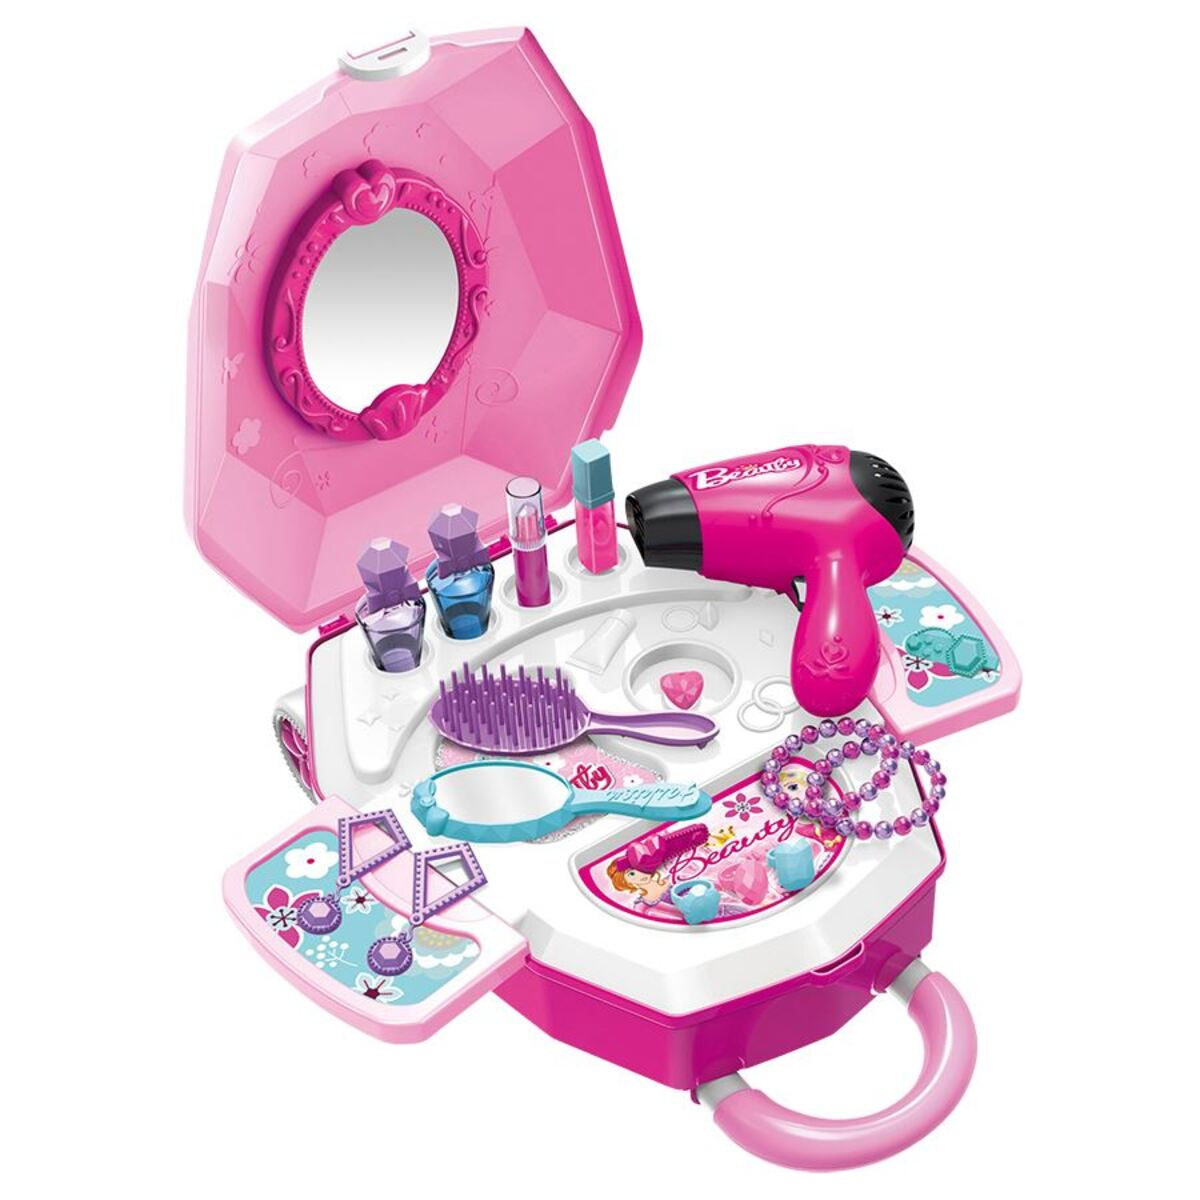 Bild 4 von Kinder-Kosmetiktrolley